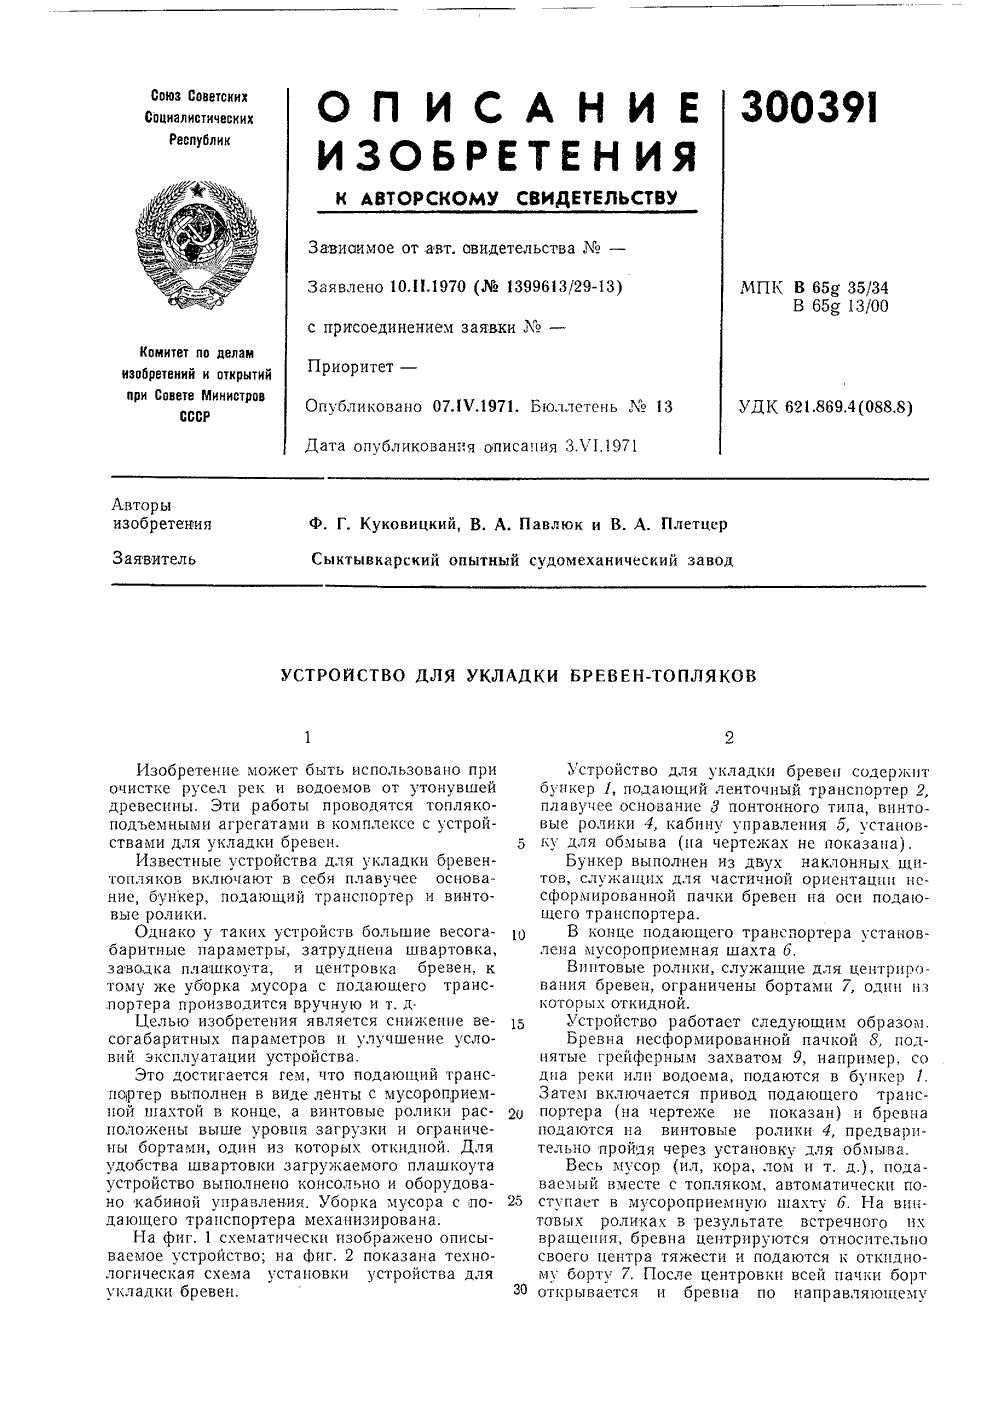 кинематическая схема машины мров -160